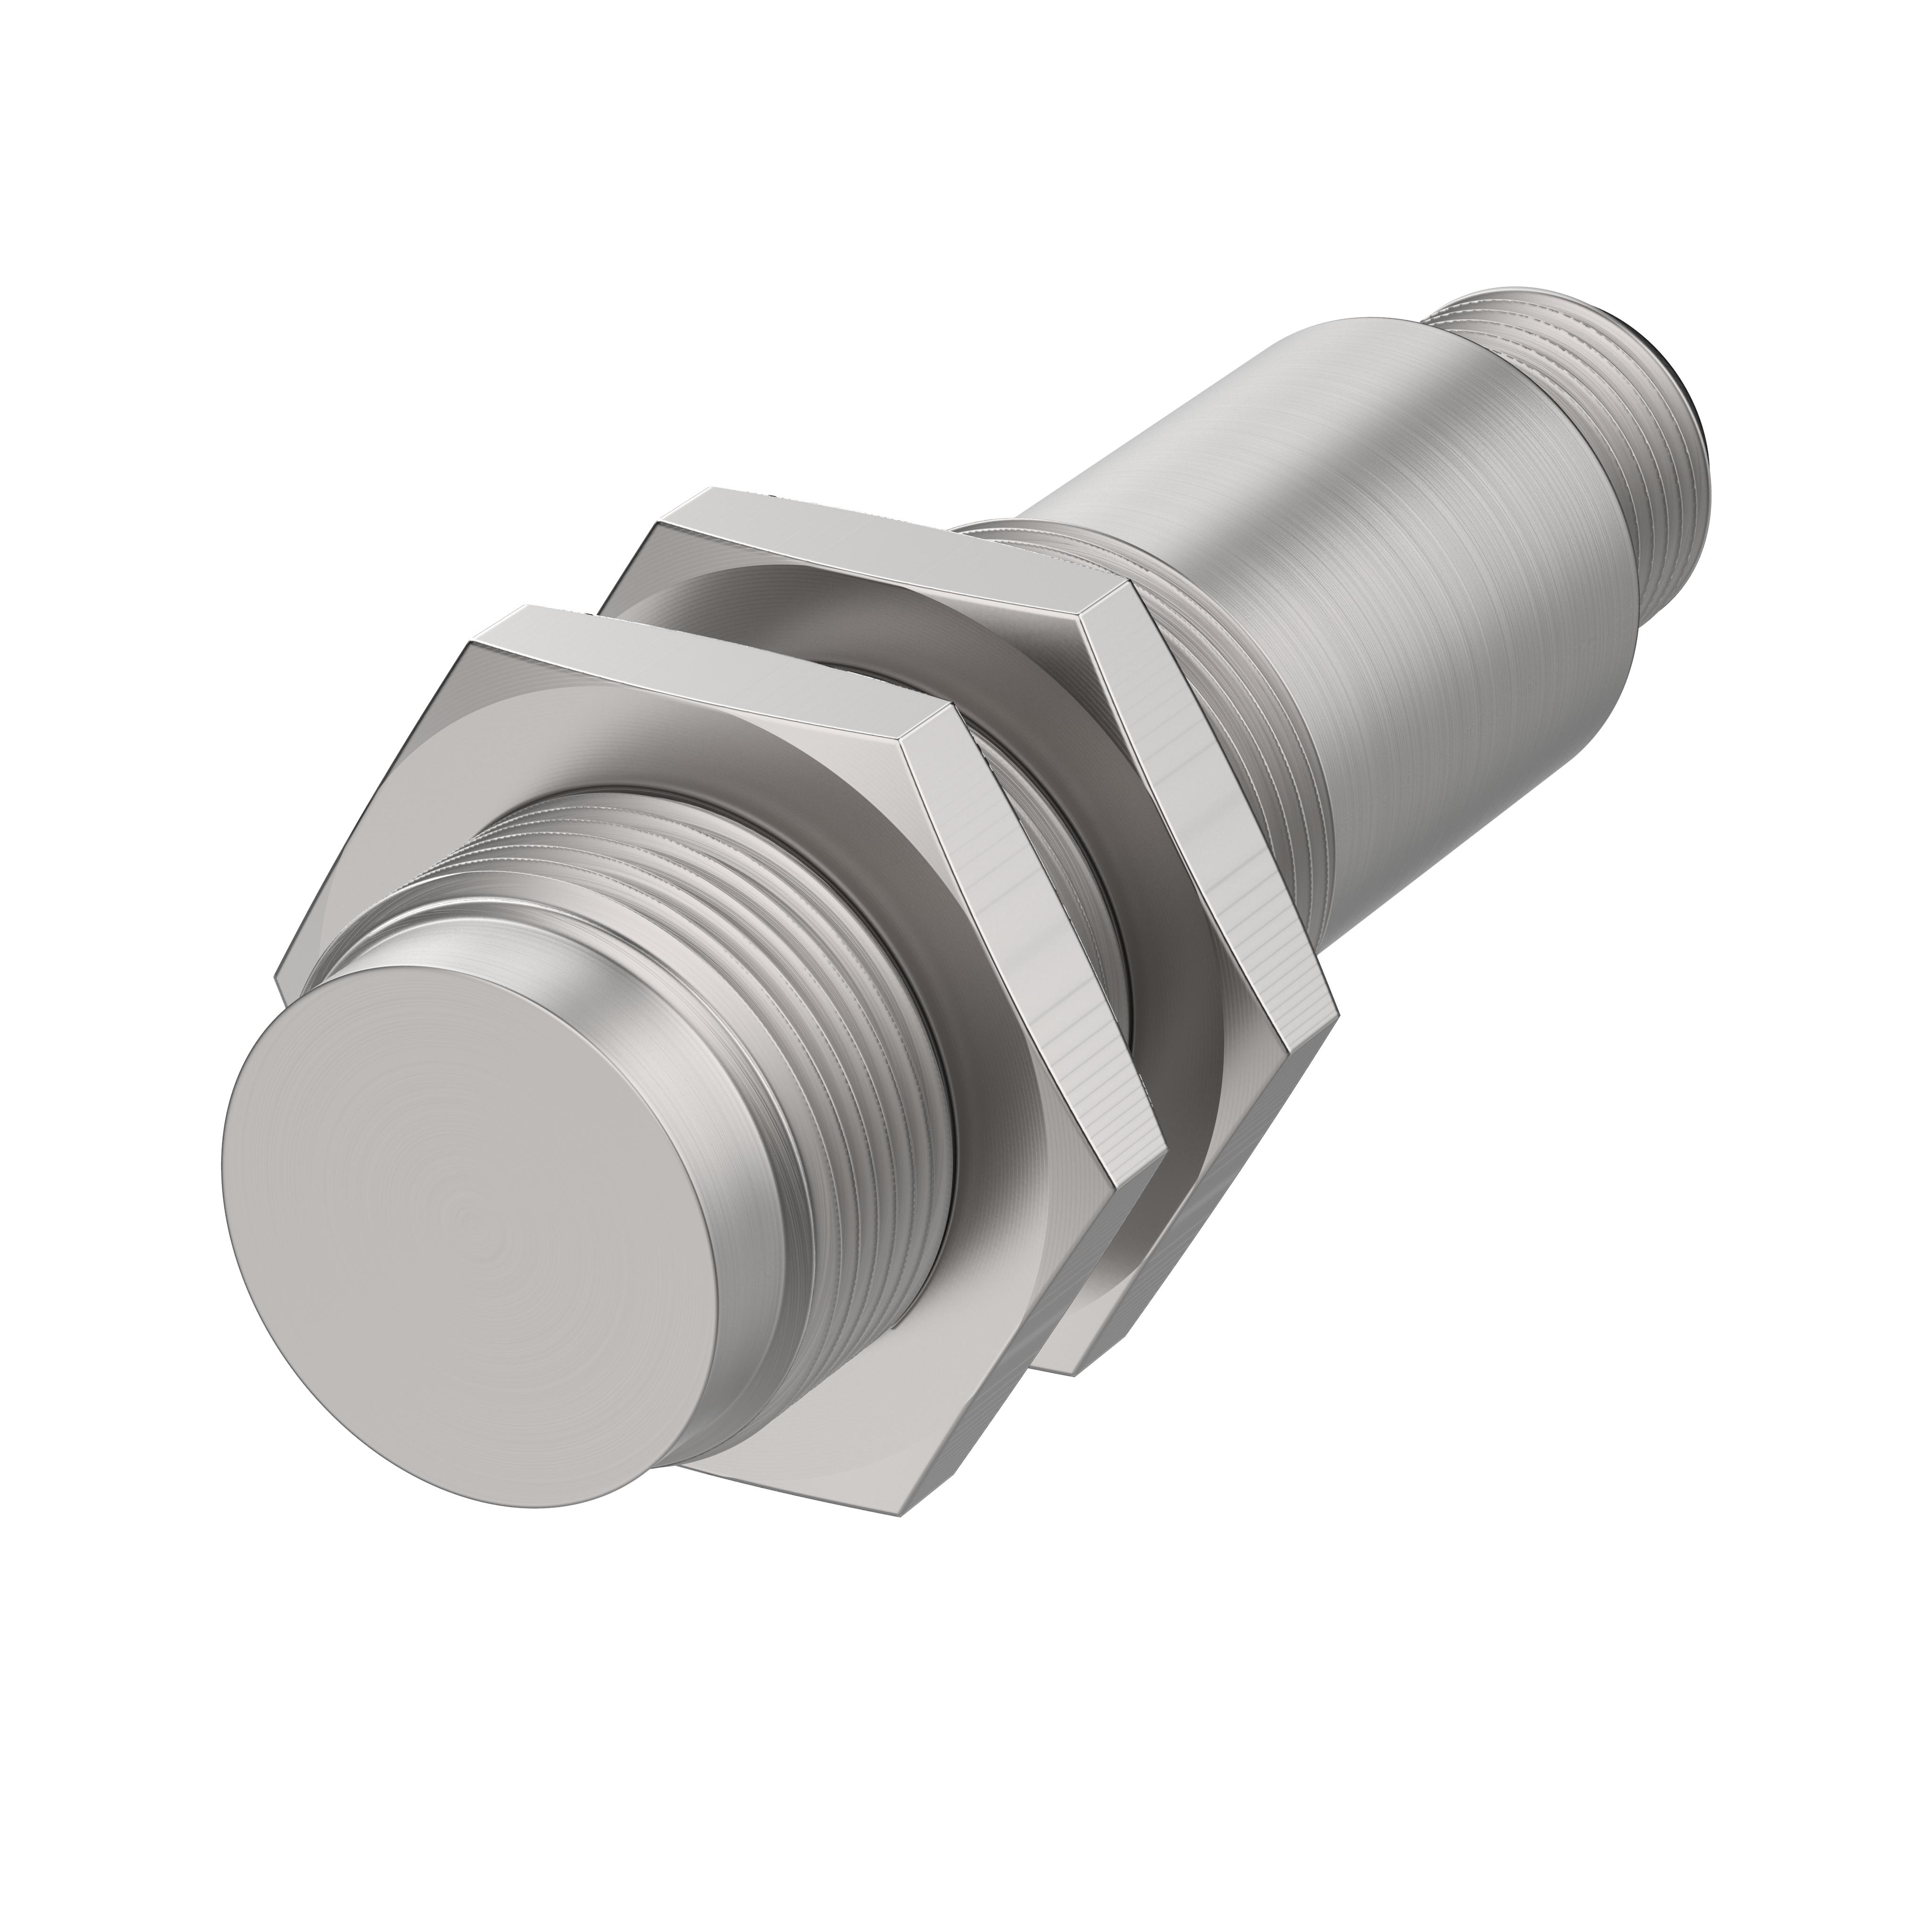 Sicherheitssensor - 120V62VY01 - magnetisch betätigt - Schließer/Schließer, Einbaustecker M12